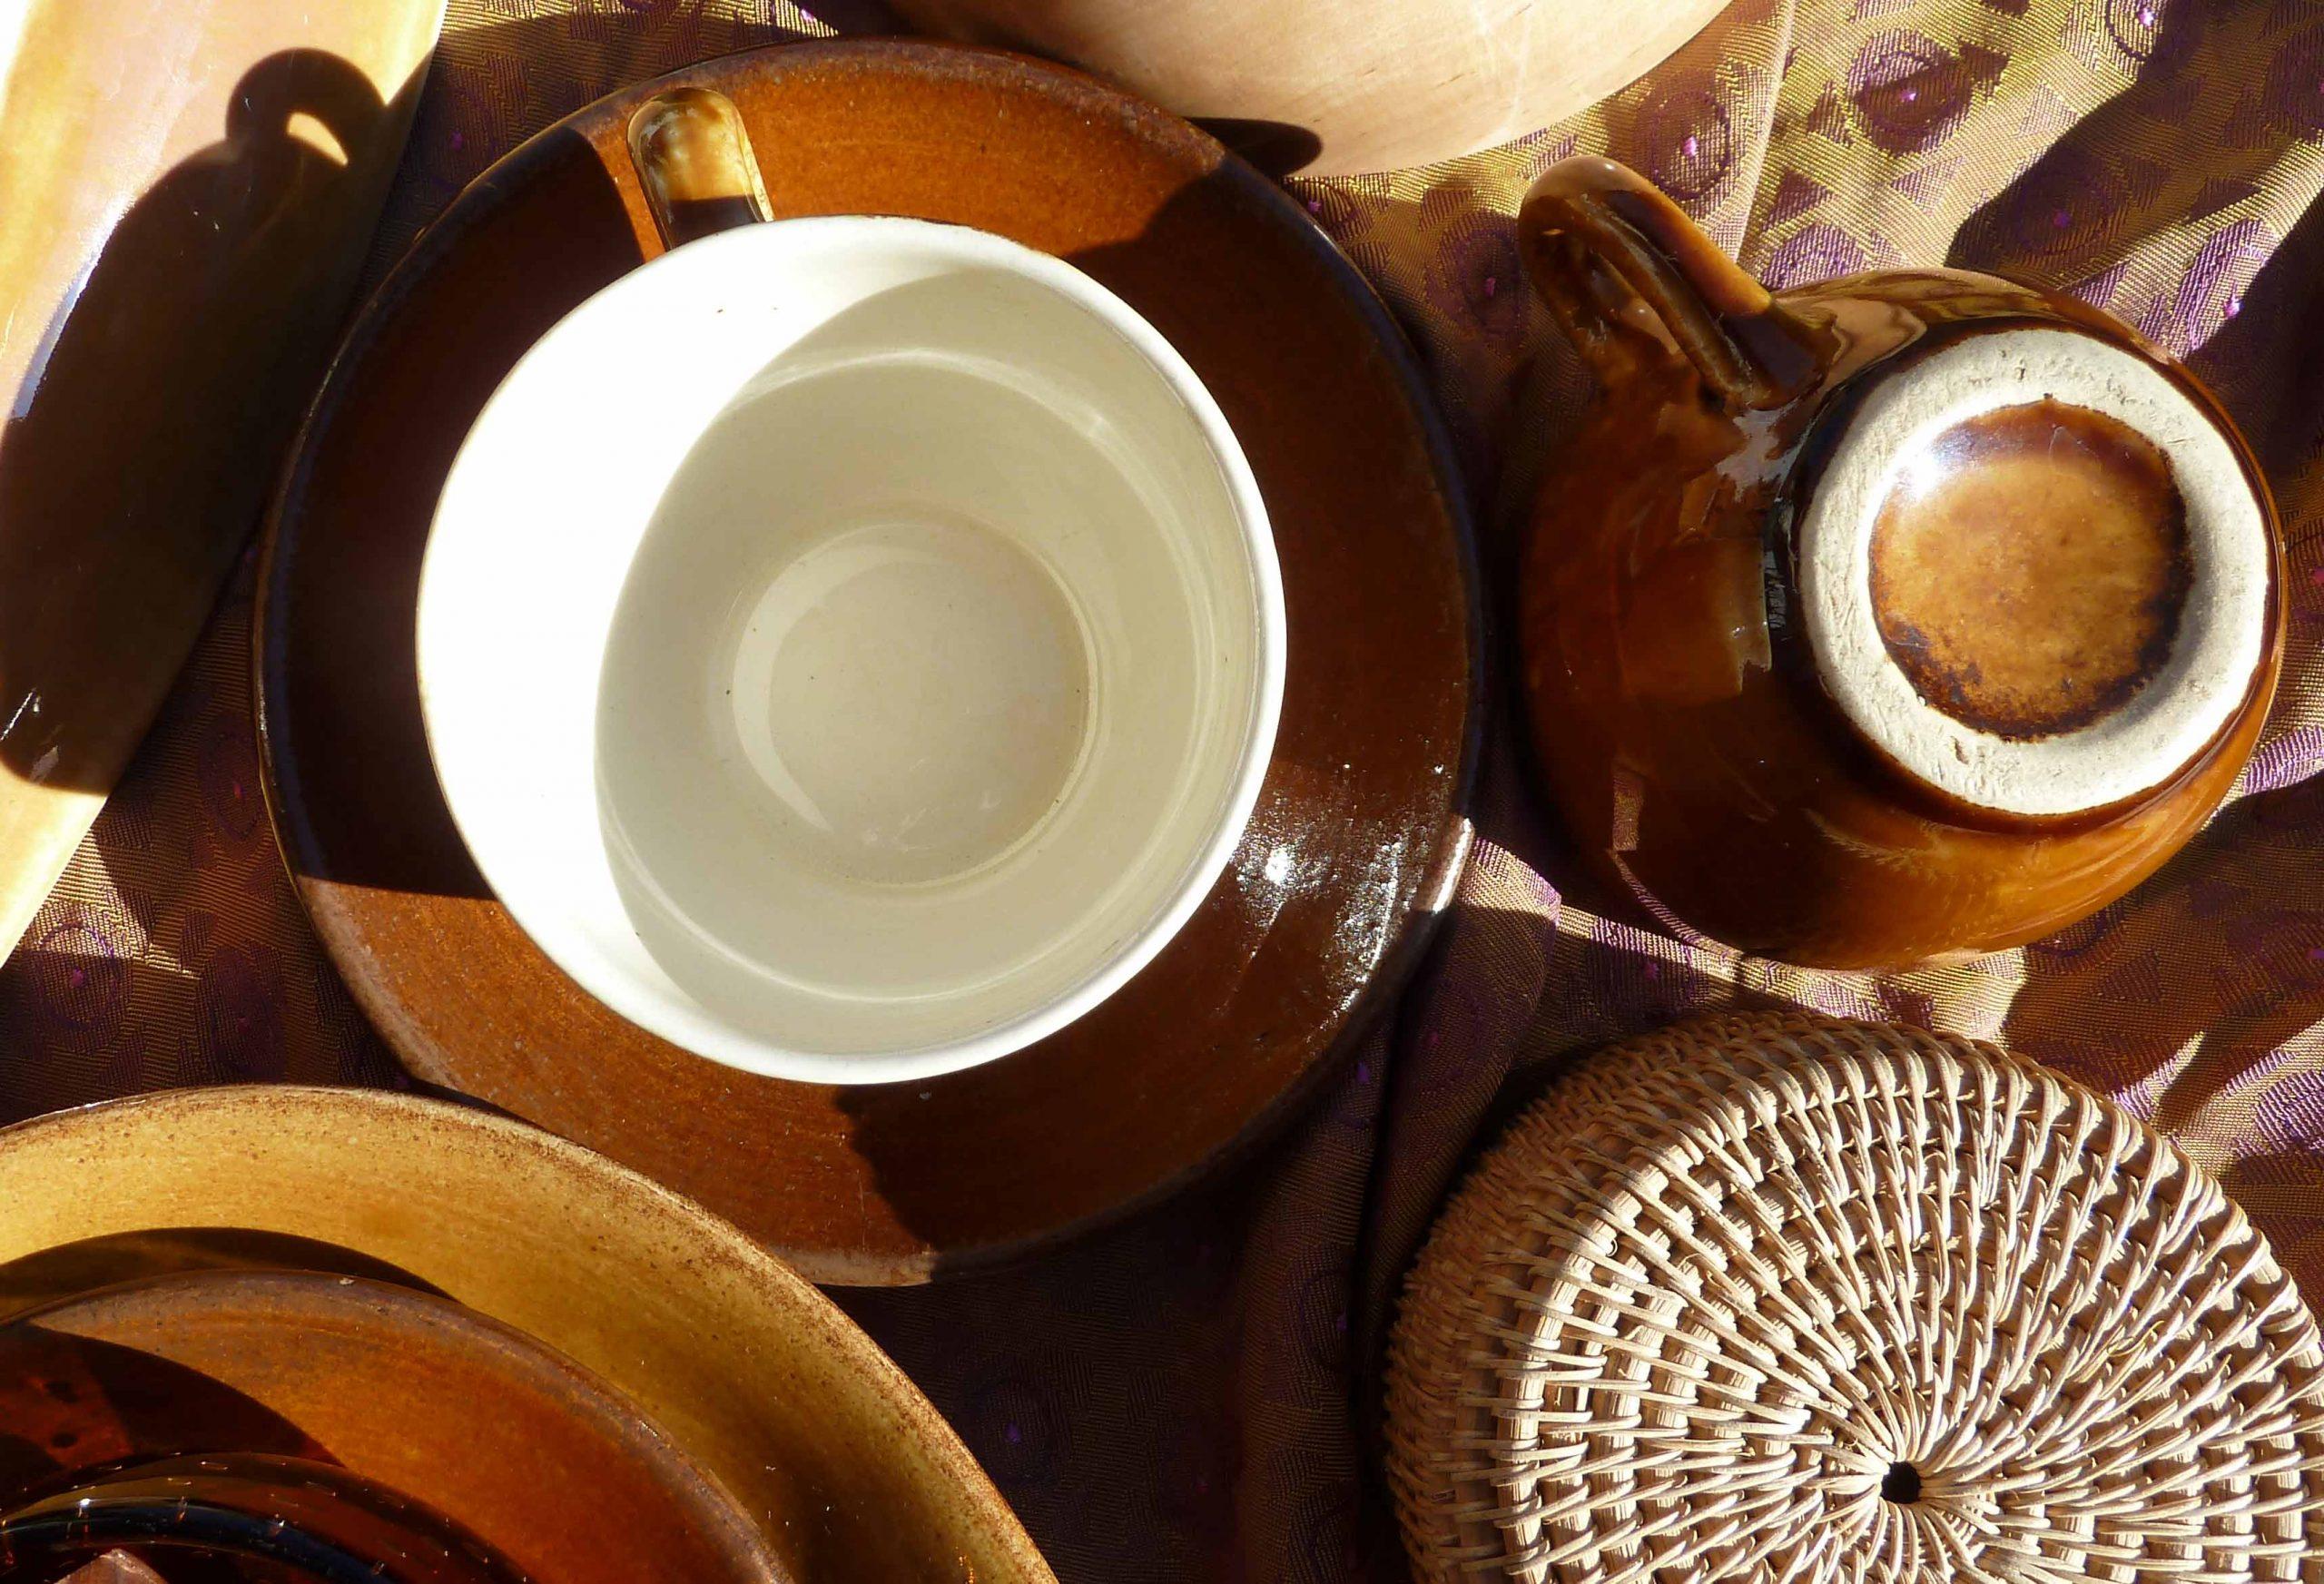 Keramik Kaffeetasse in dem Bernsteinlicht Komposition Styling